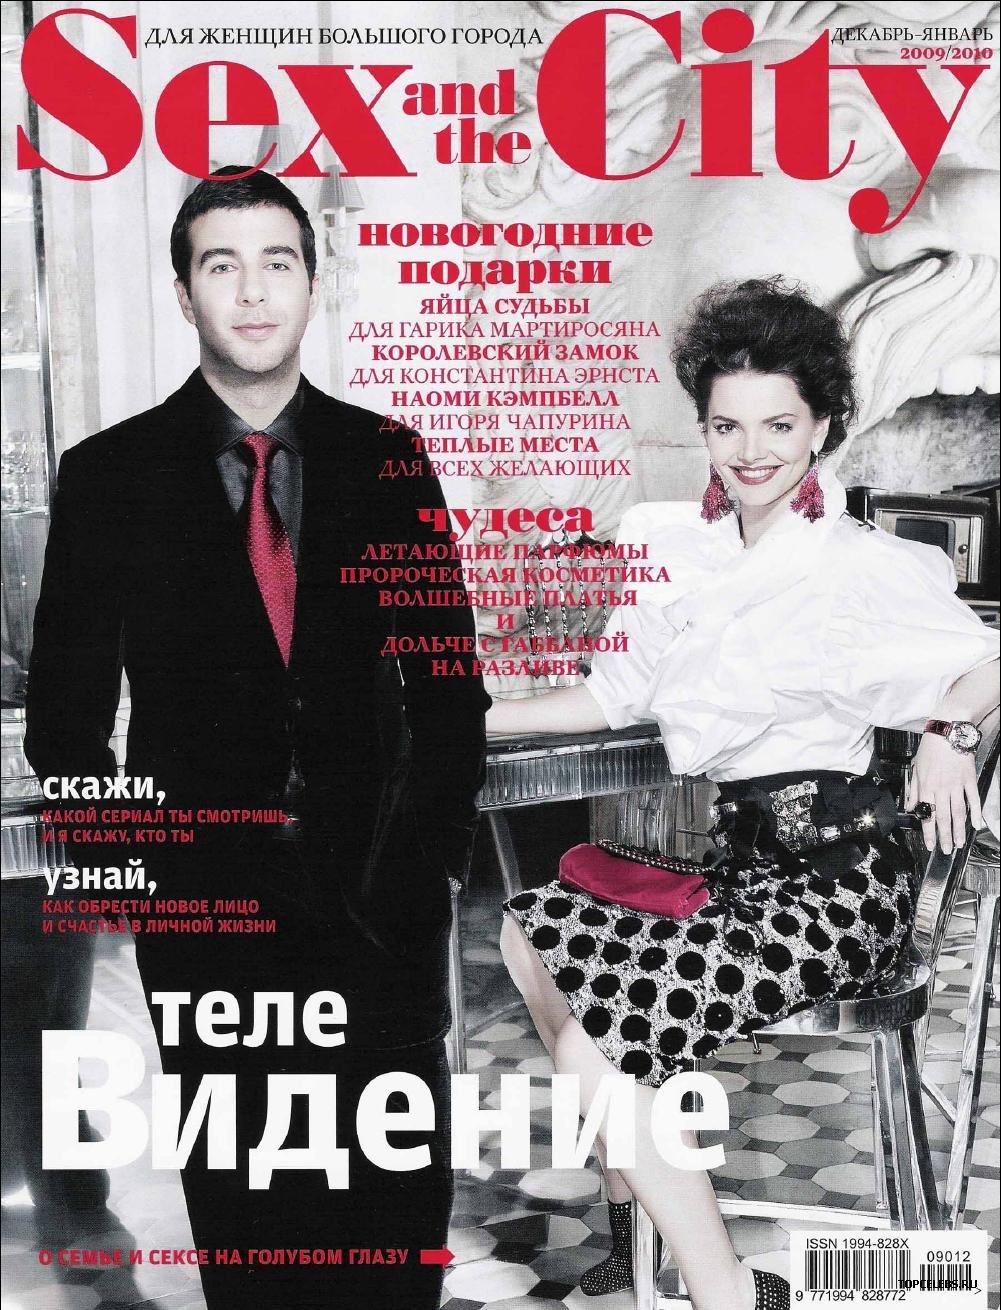 foto-bolshie-soski-zhenskoy-grudi